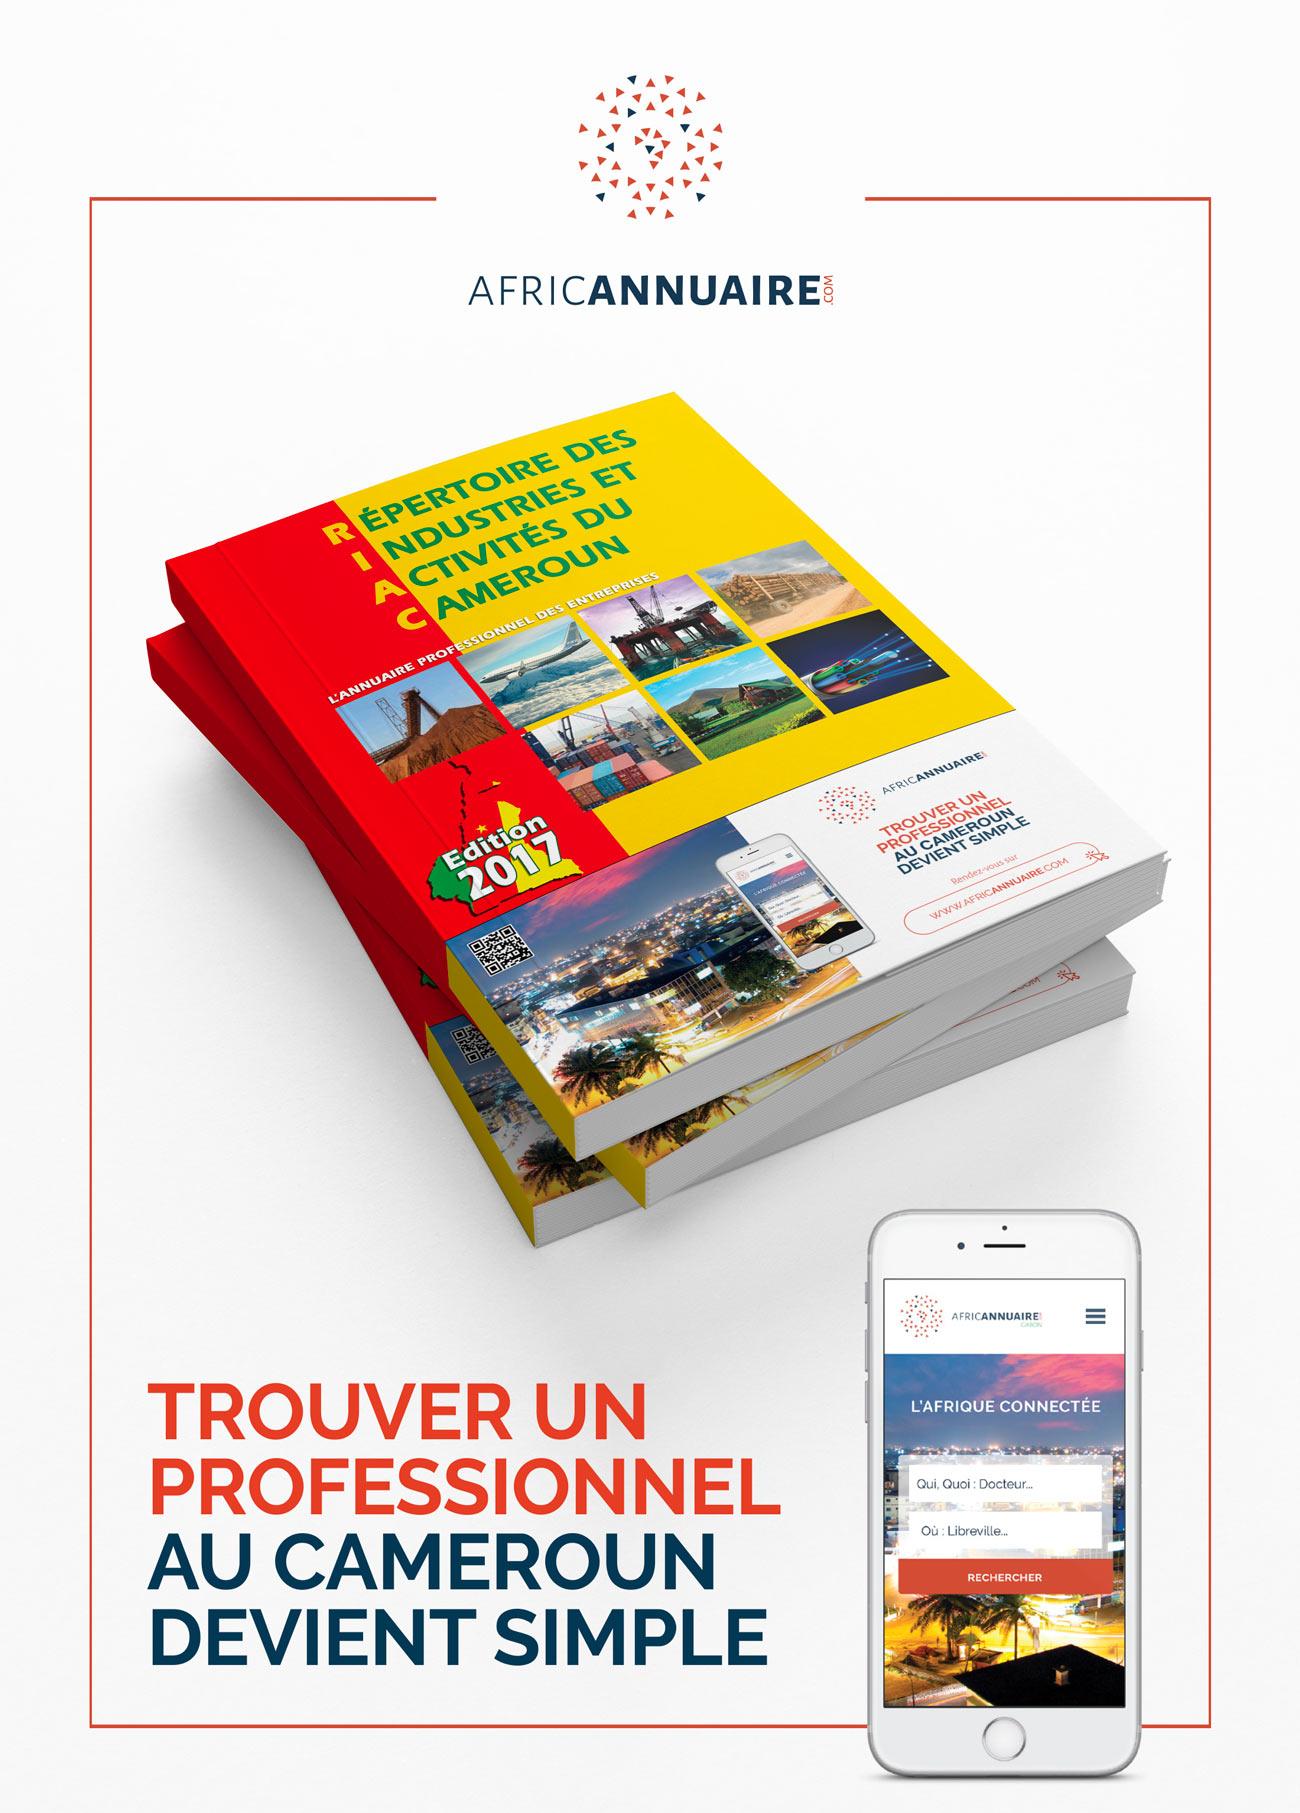 Annuaire papier du Cameroun est maintenant disponible en ligne